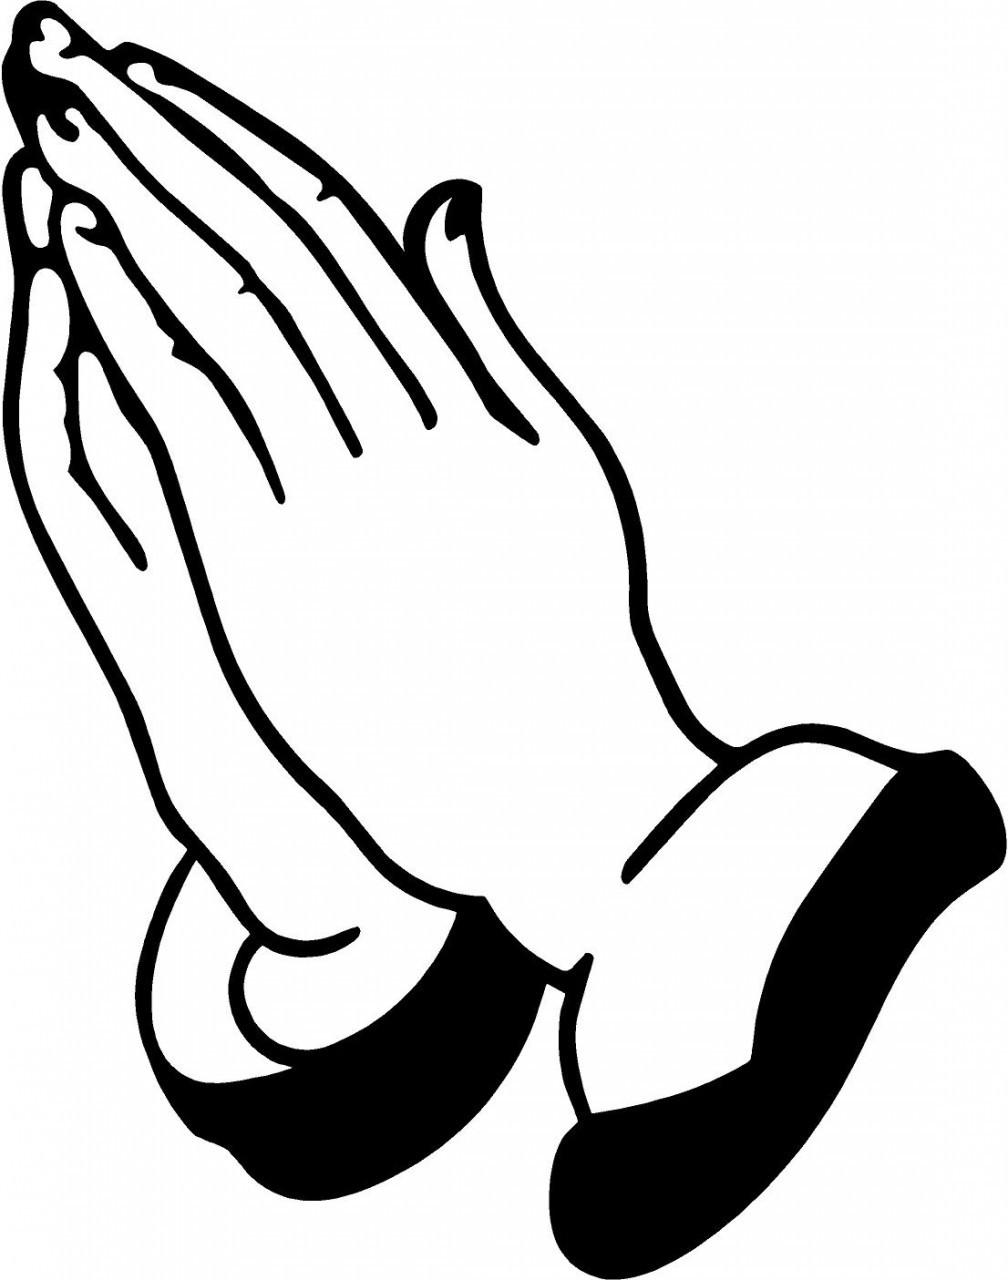 Prayer Hands Clipart Clipart .